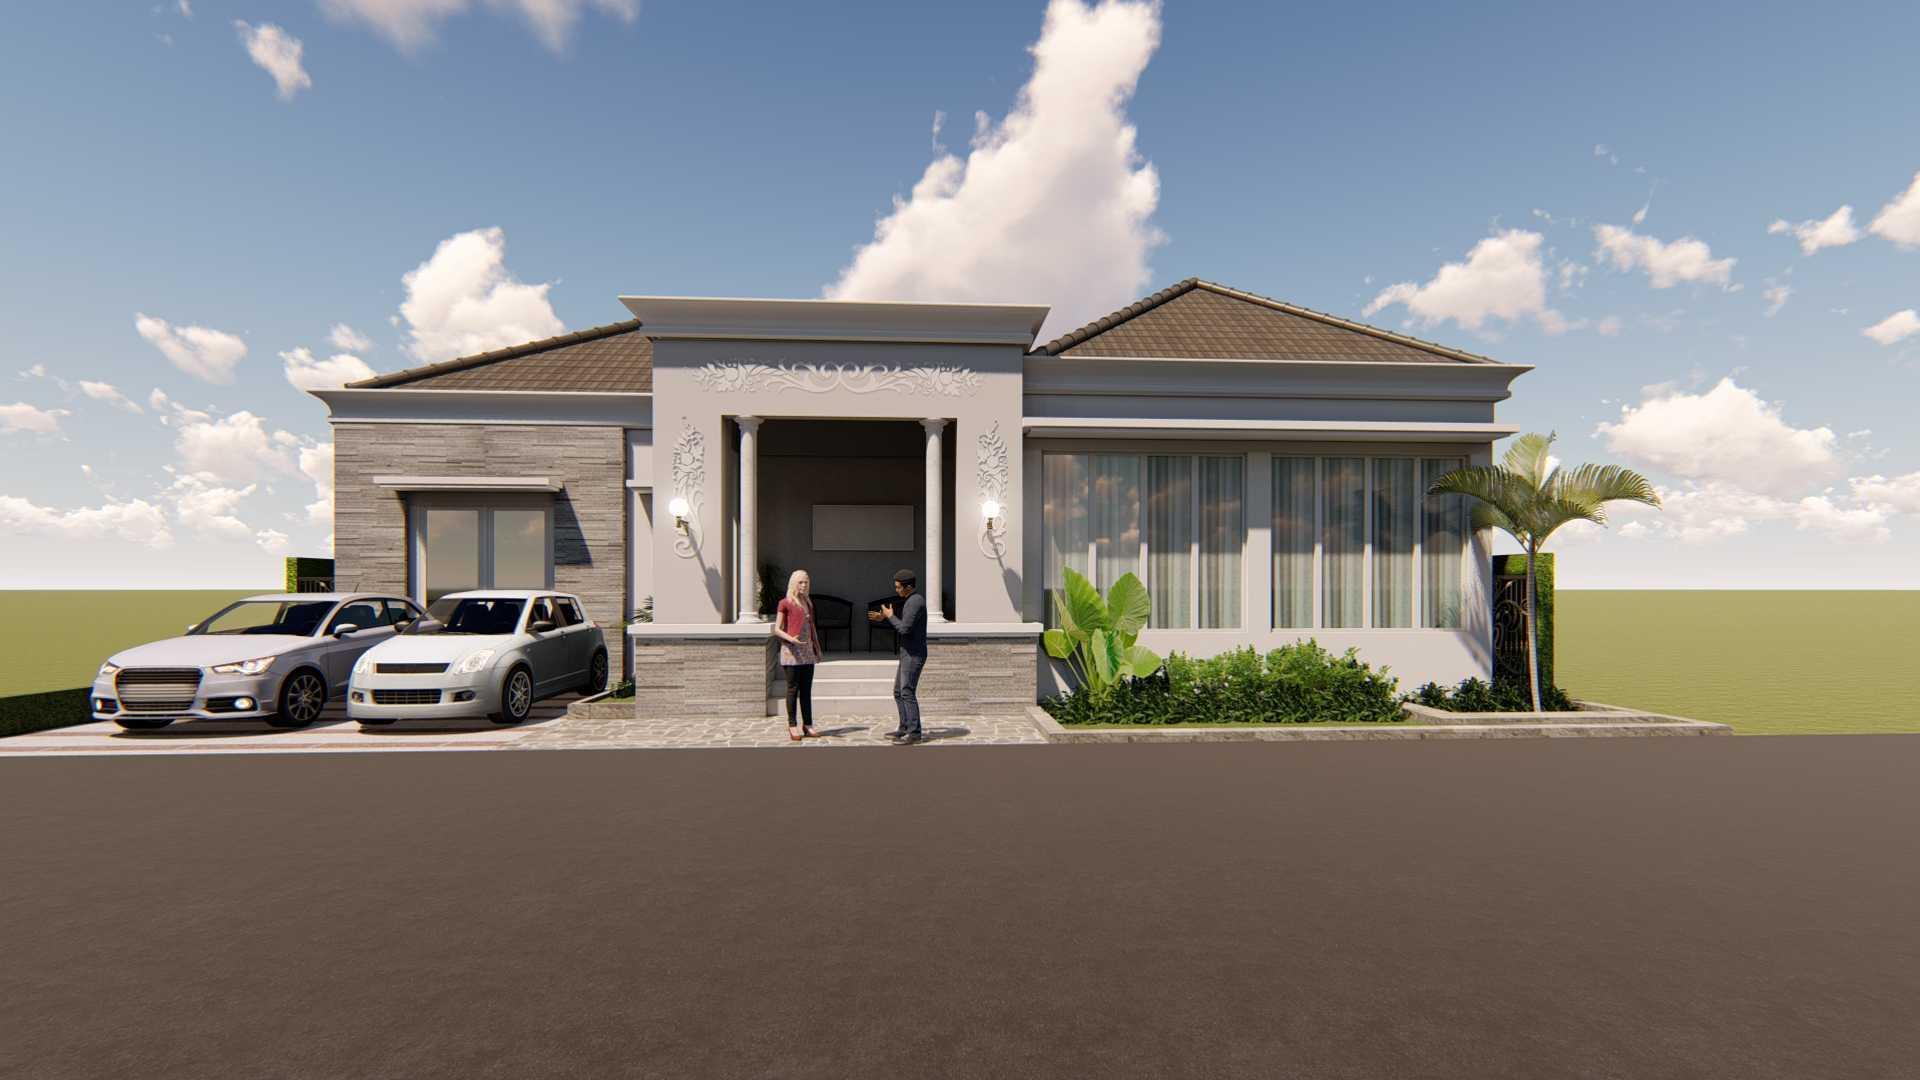 Astabumi Studio Pr House Tegal Tegal, Kota Tegal, Jawa Tengah, Indonesia Yogyakarta Cv-Astabumi-Manunggal-Prakarsa-Jto-Jogja-Trade-Office  119455